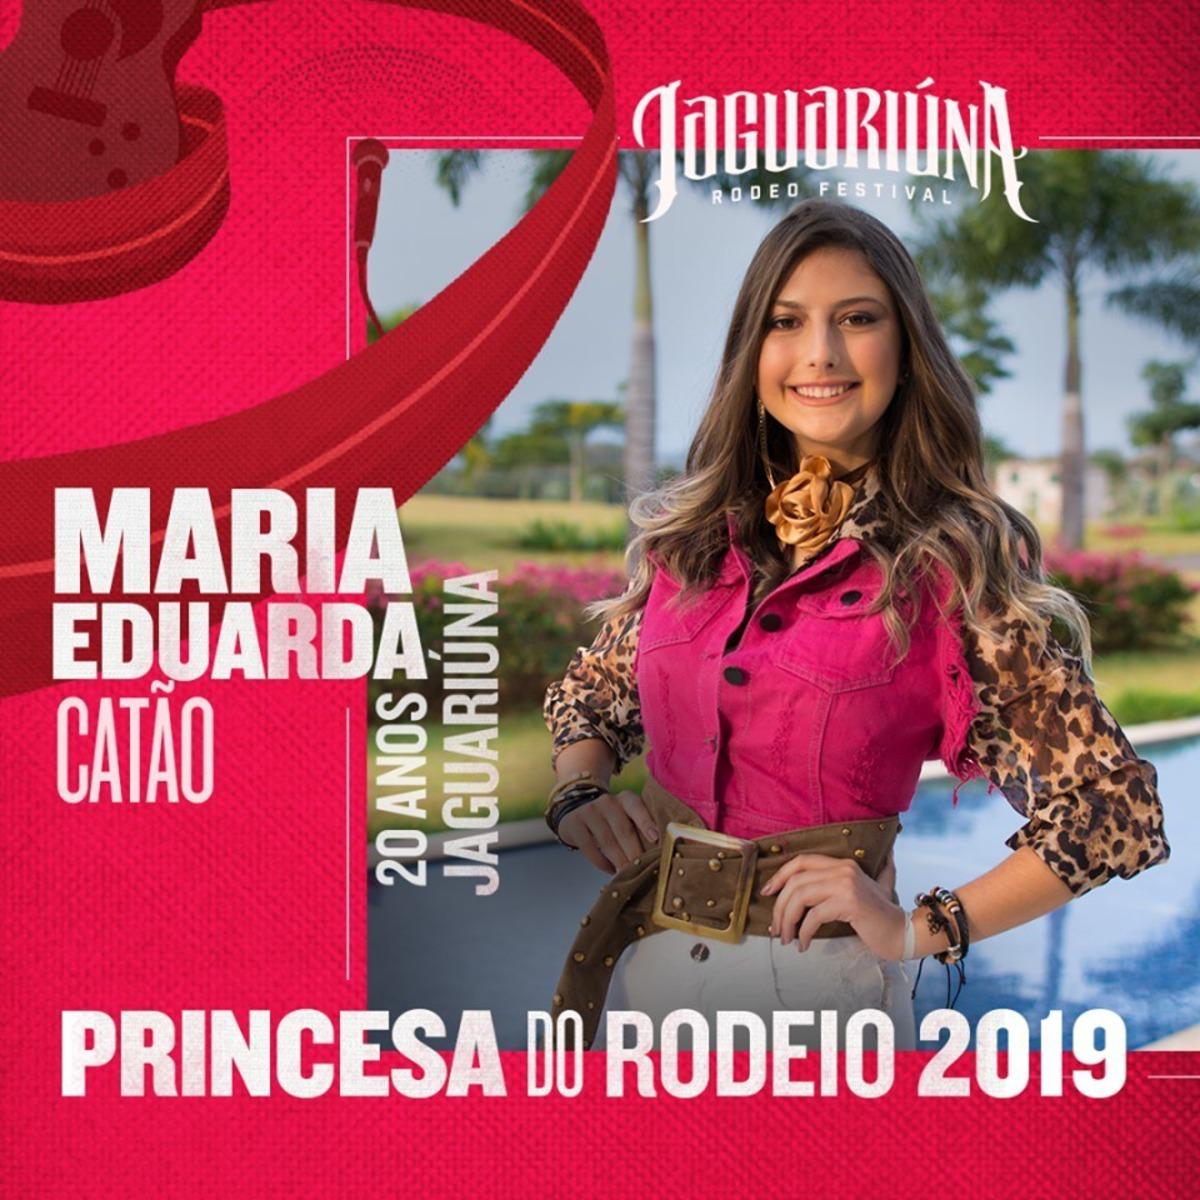 Rainha do Rodeio de Jaguariúna: Daniela Camargo